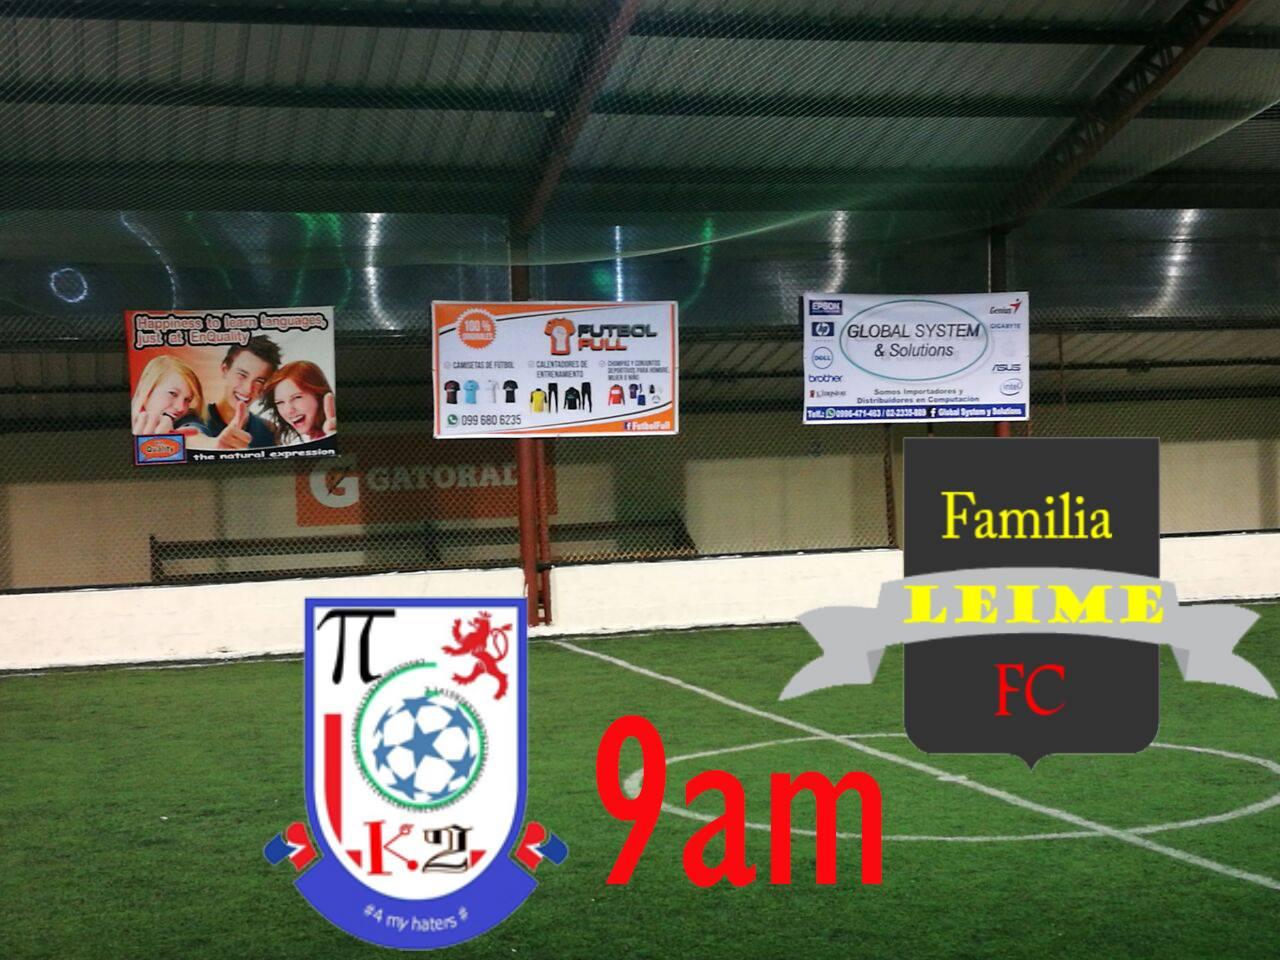 Pik2 vs Familia Leime